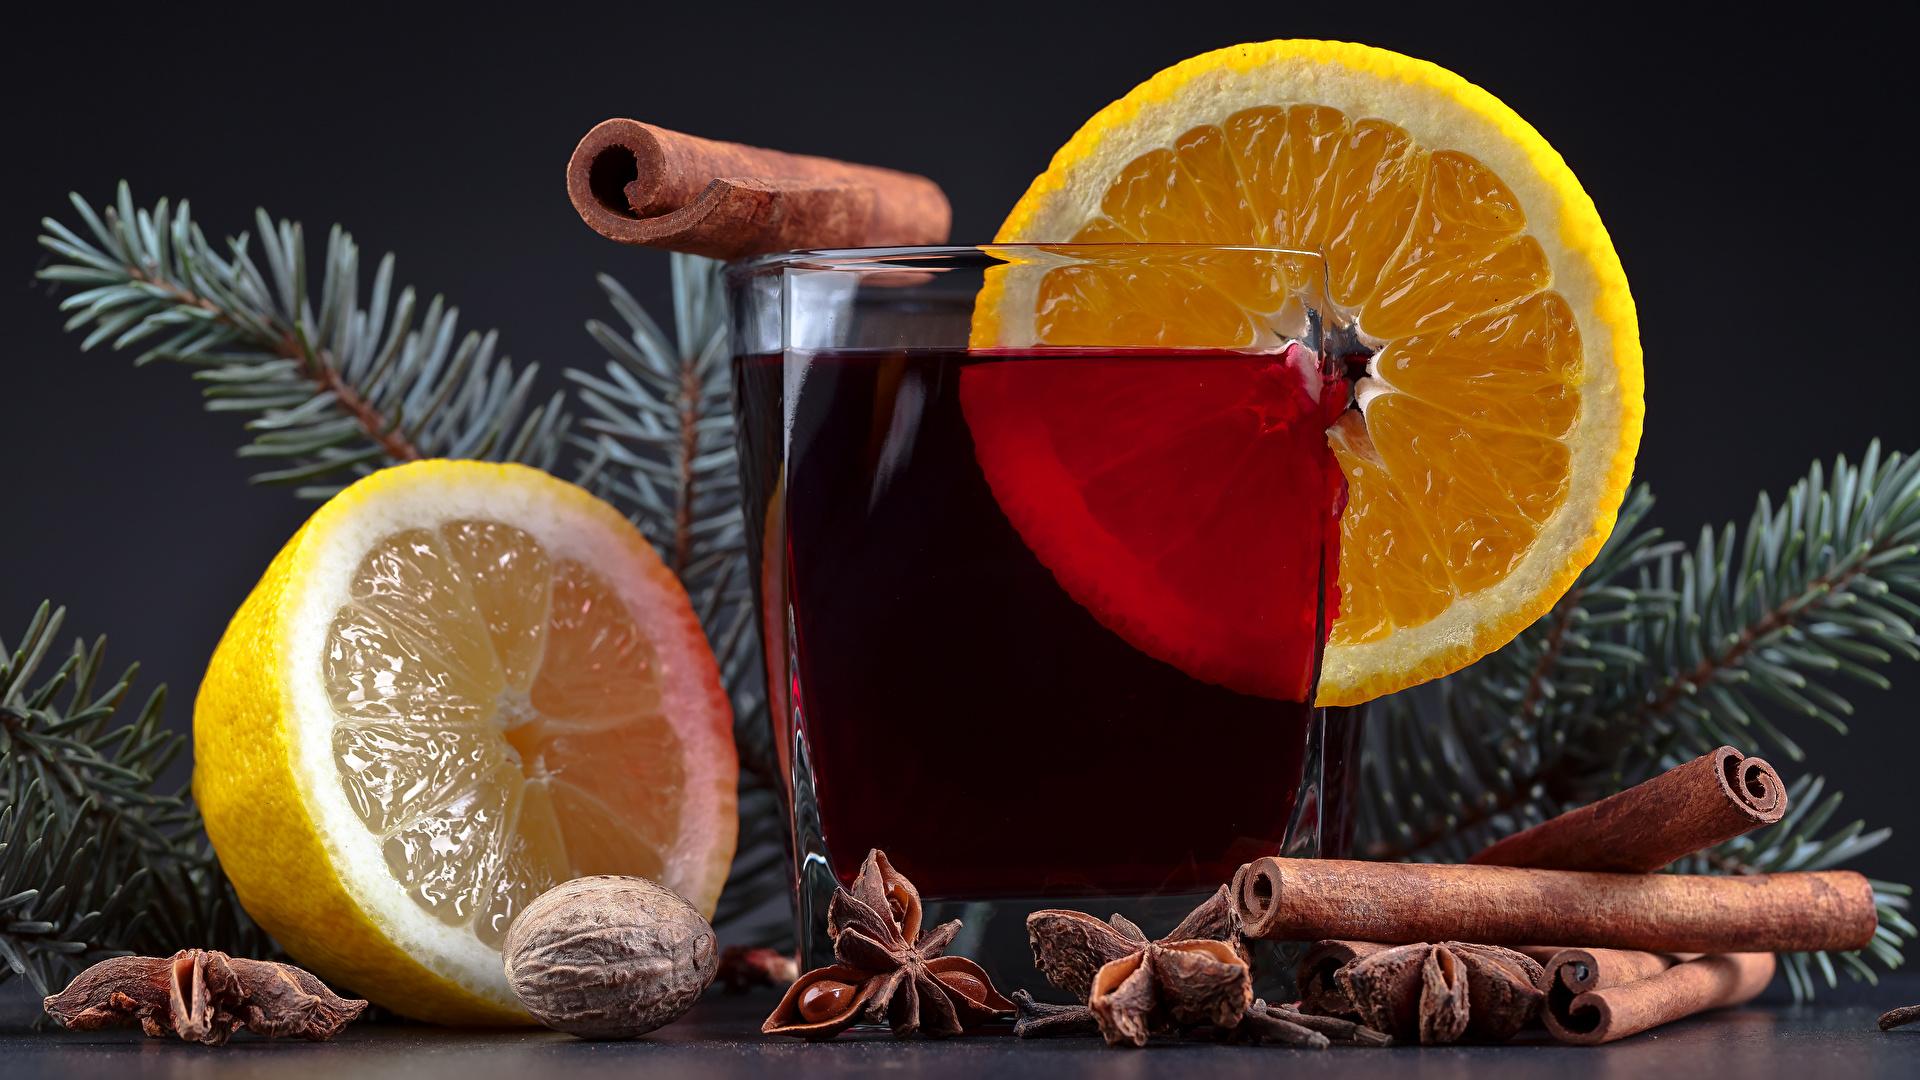 Фотография Новый год Стакан Корица Лимоны Пища Напитки 1920x1080 Рождество стакана стакане Еда Продукты питания